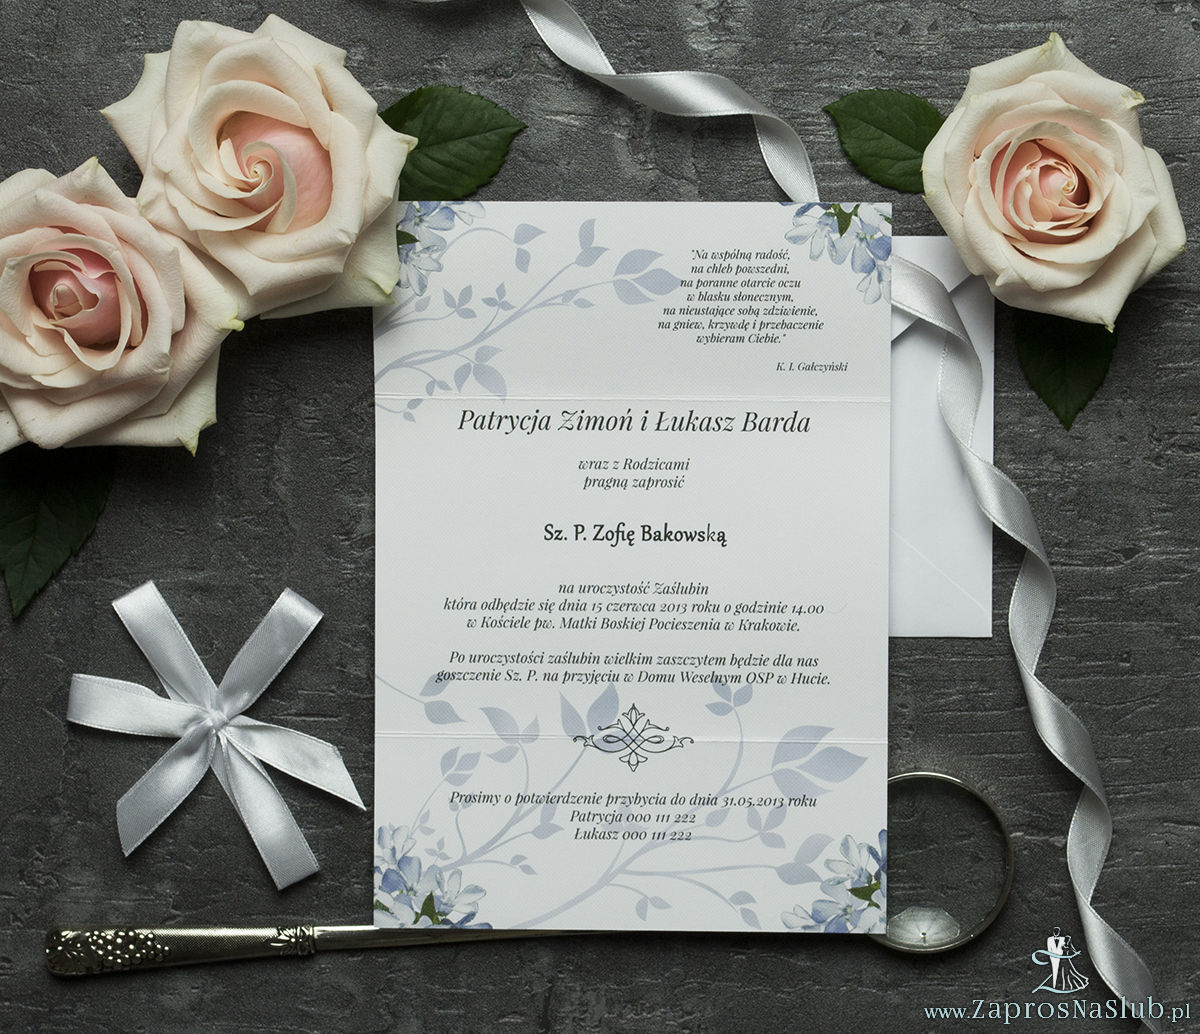 Unikatowe zaproszenia ślubne z kwiatami. Niebiesko-białe kwiaty i wstążka w białym kolorze. ZAP-93-10